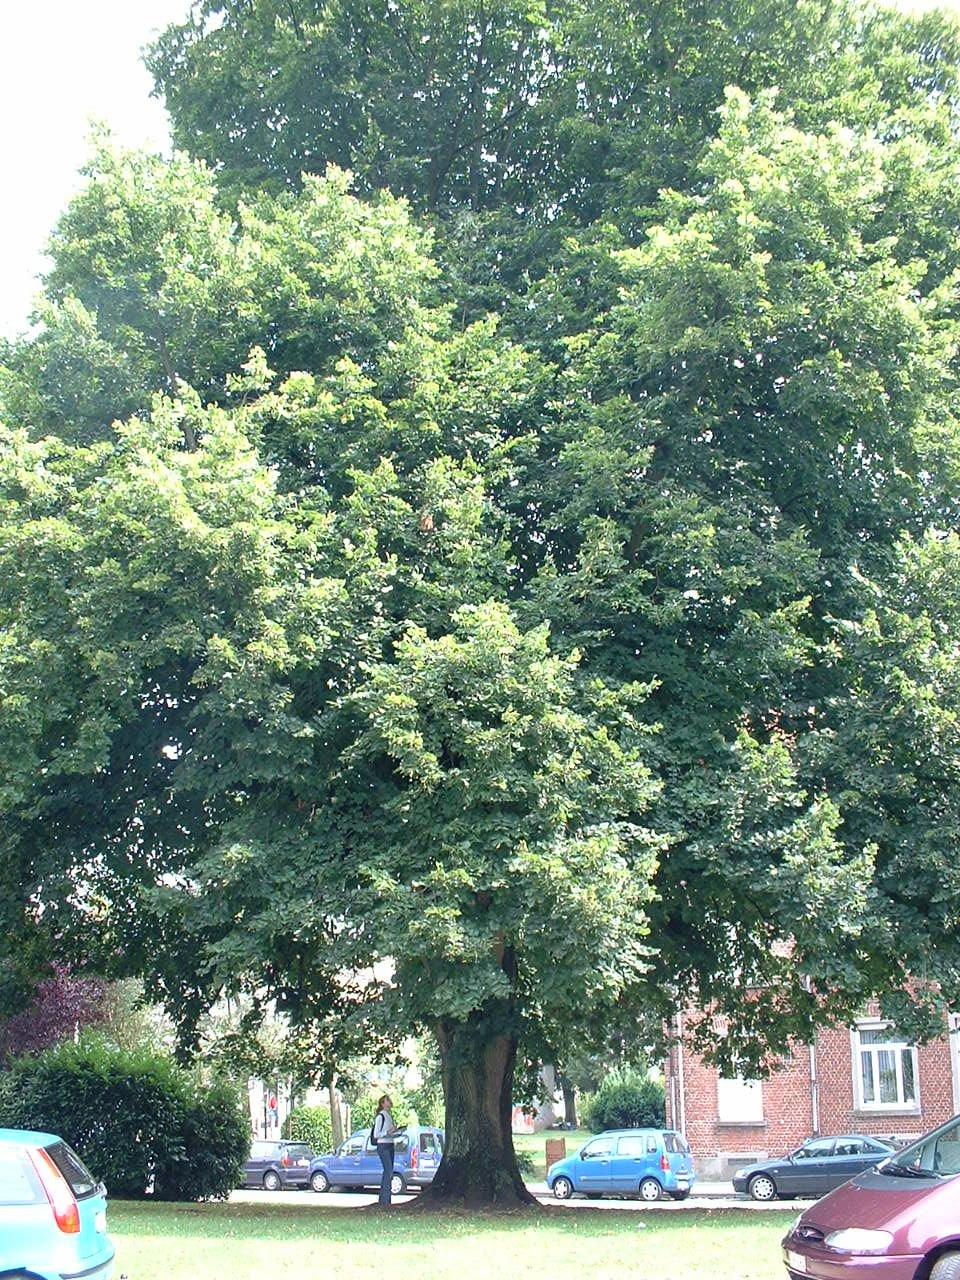 Tilleul à larges feuilles – Watermael-Boitsfort, Place Bisschoffsheim –  07 Août 2002